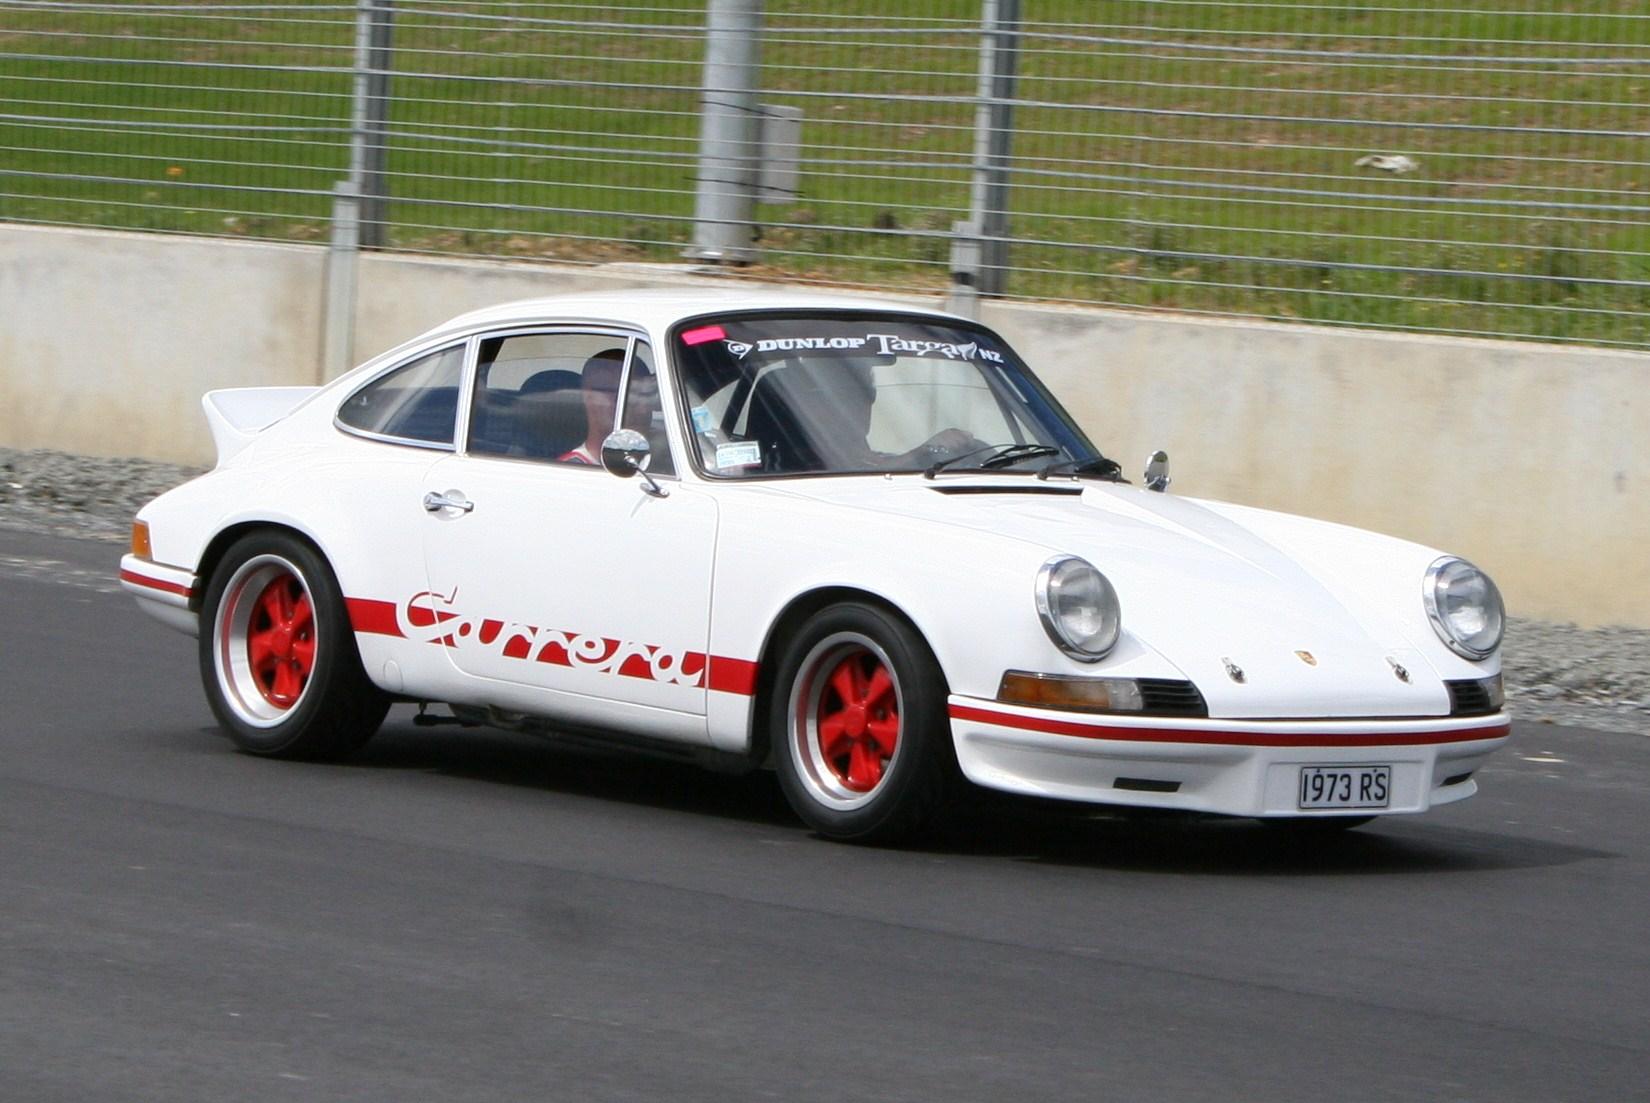 Steve Rasmussen Car